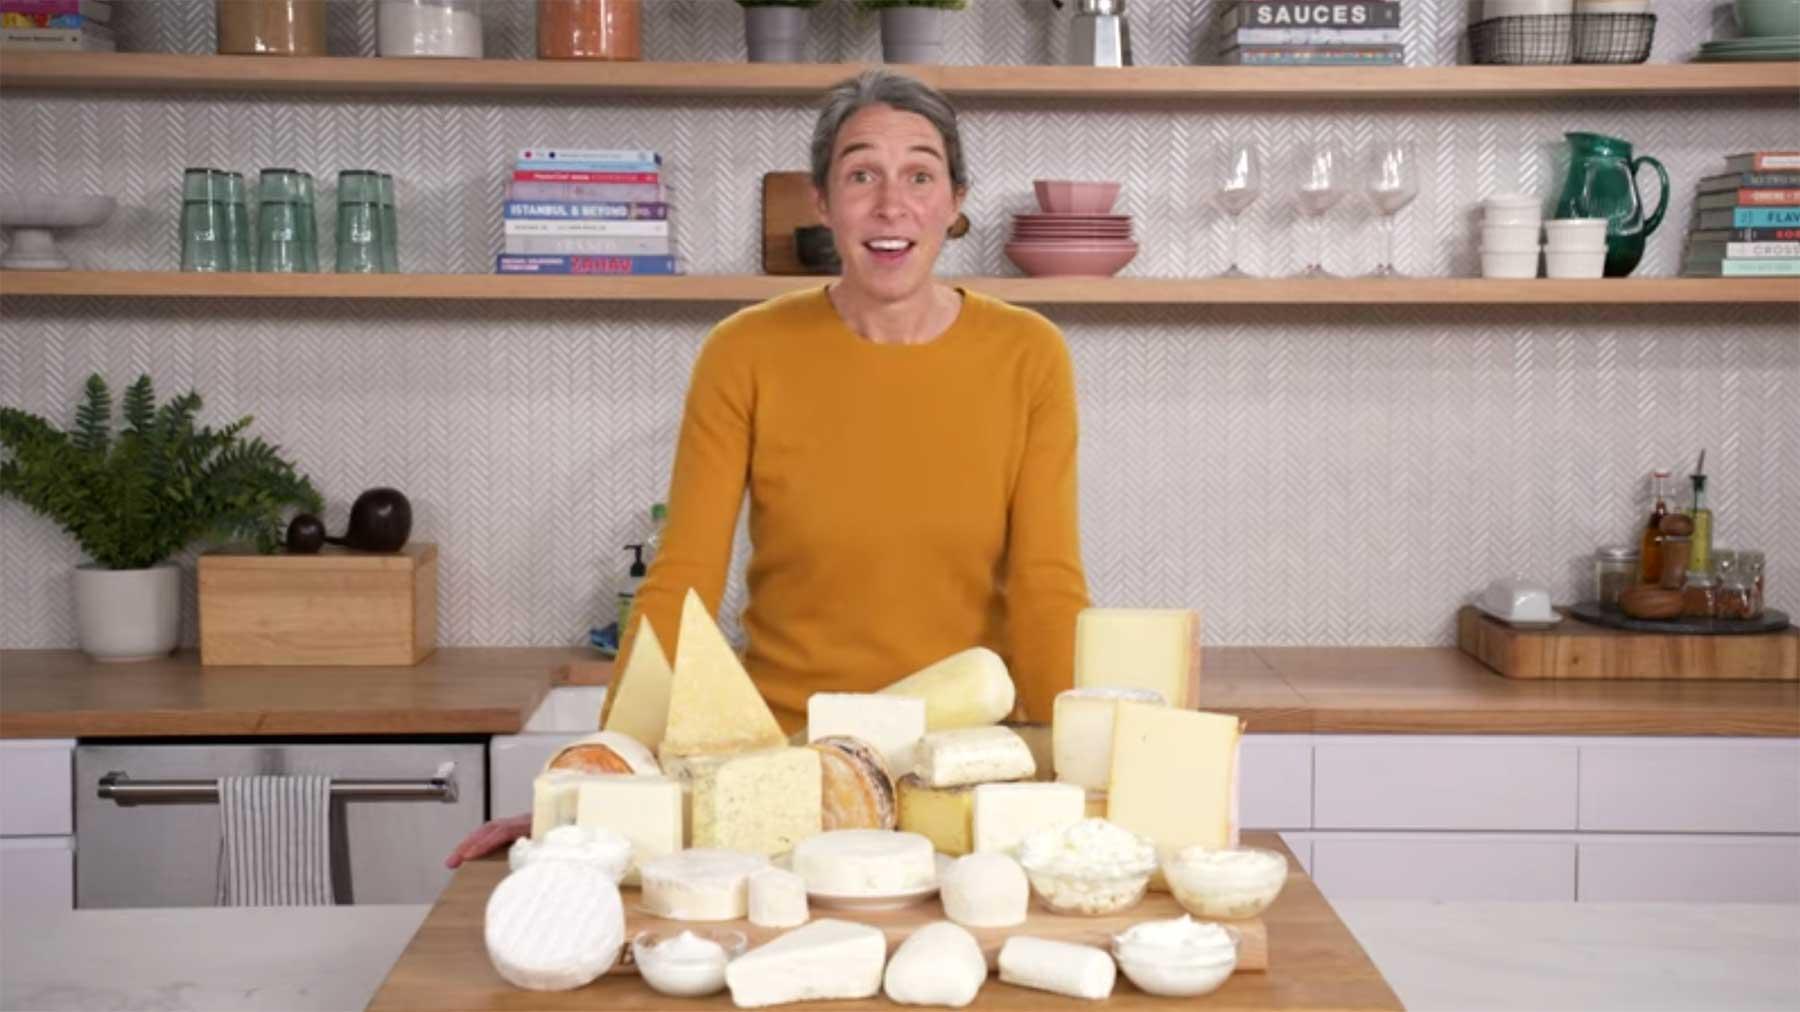 Wie man JEDEN* Käse richtig schneidet